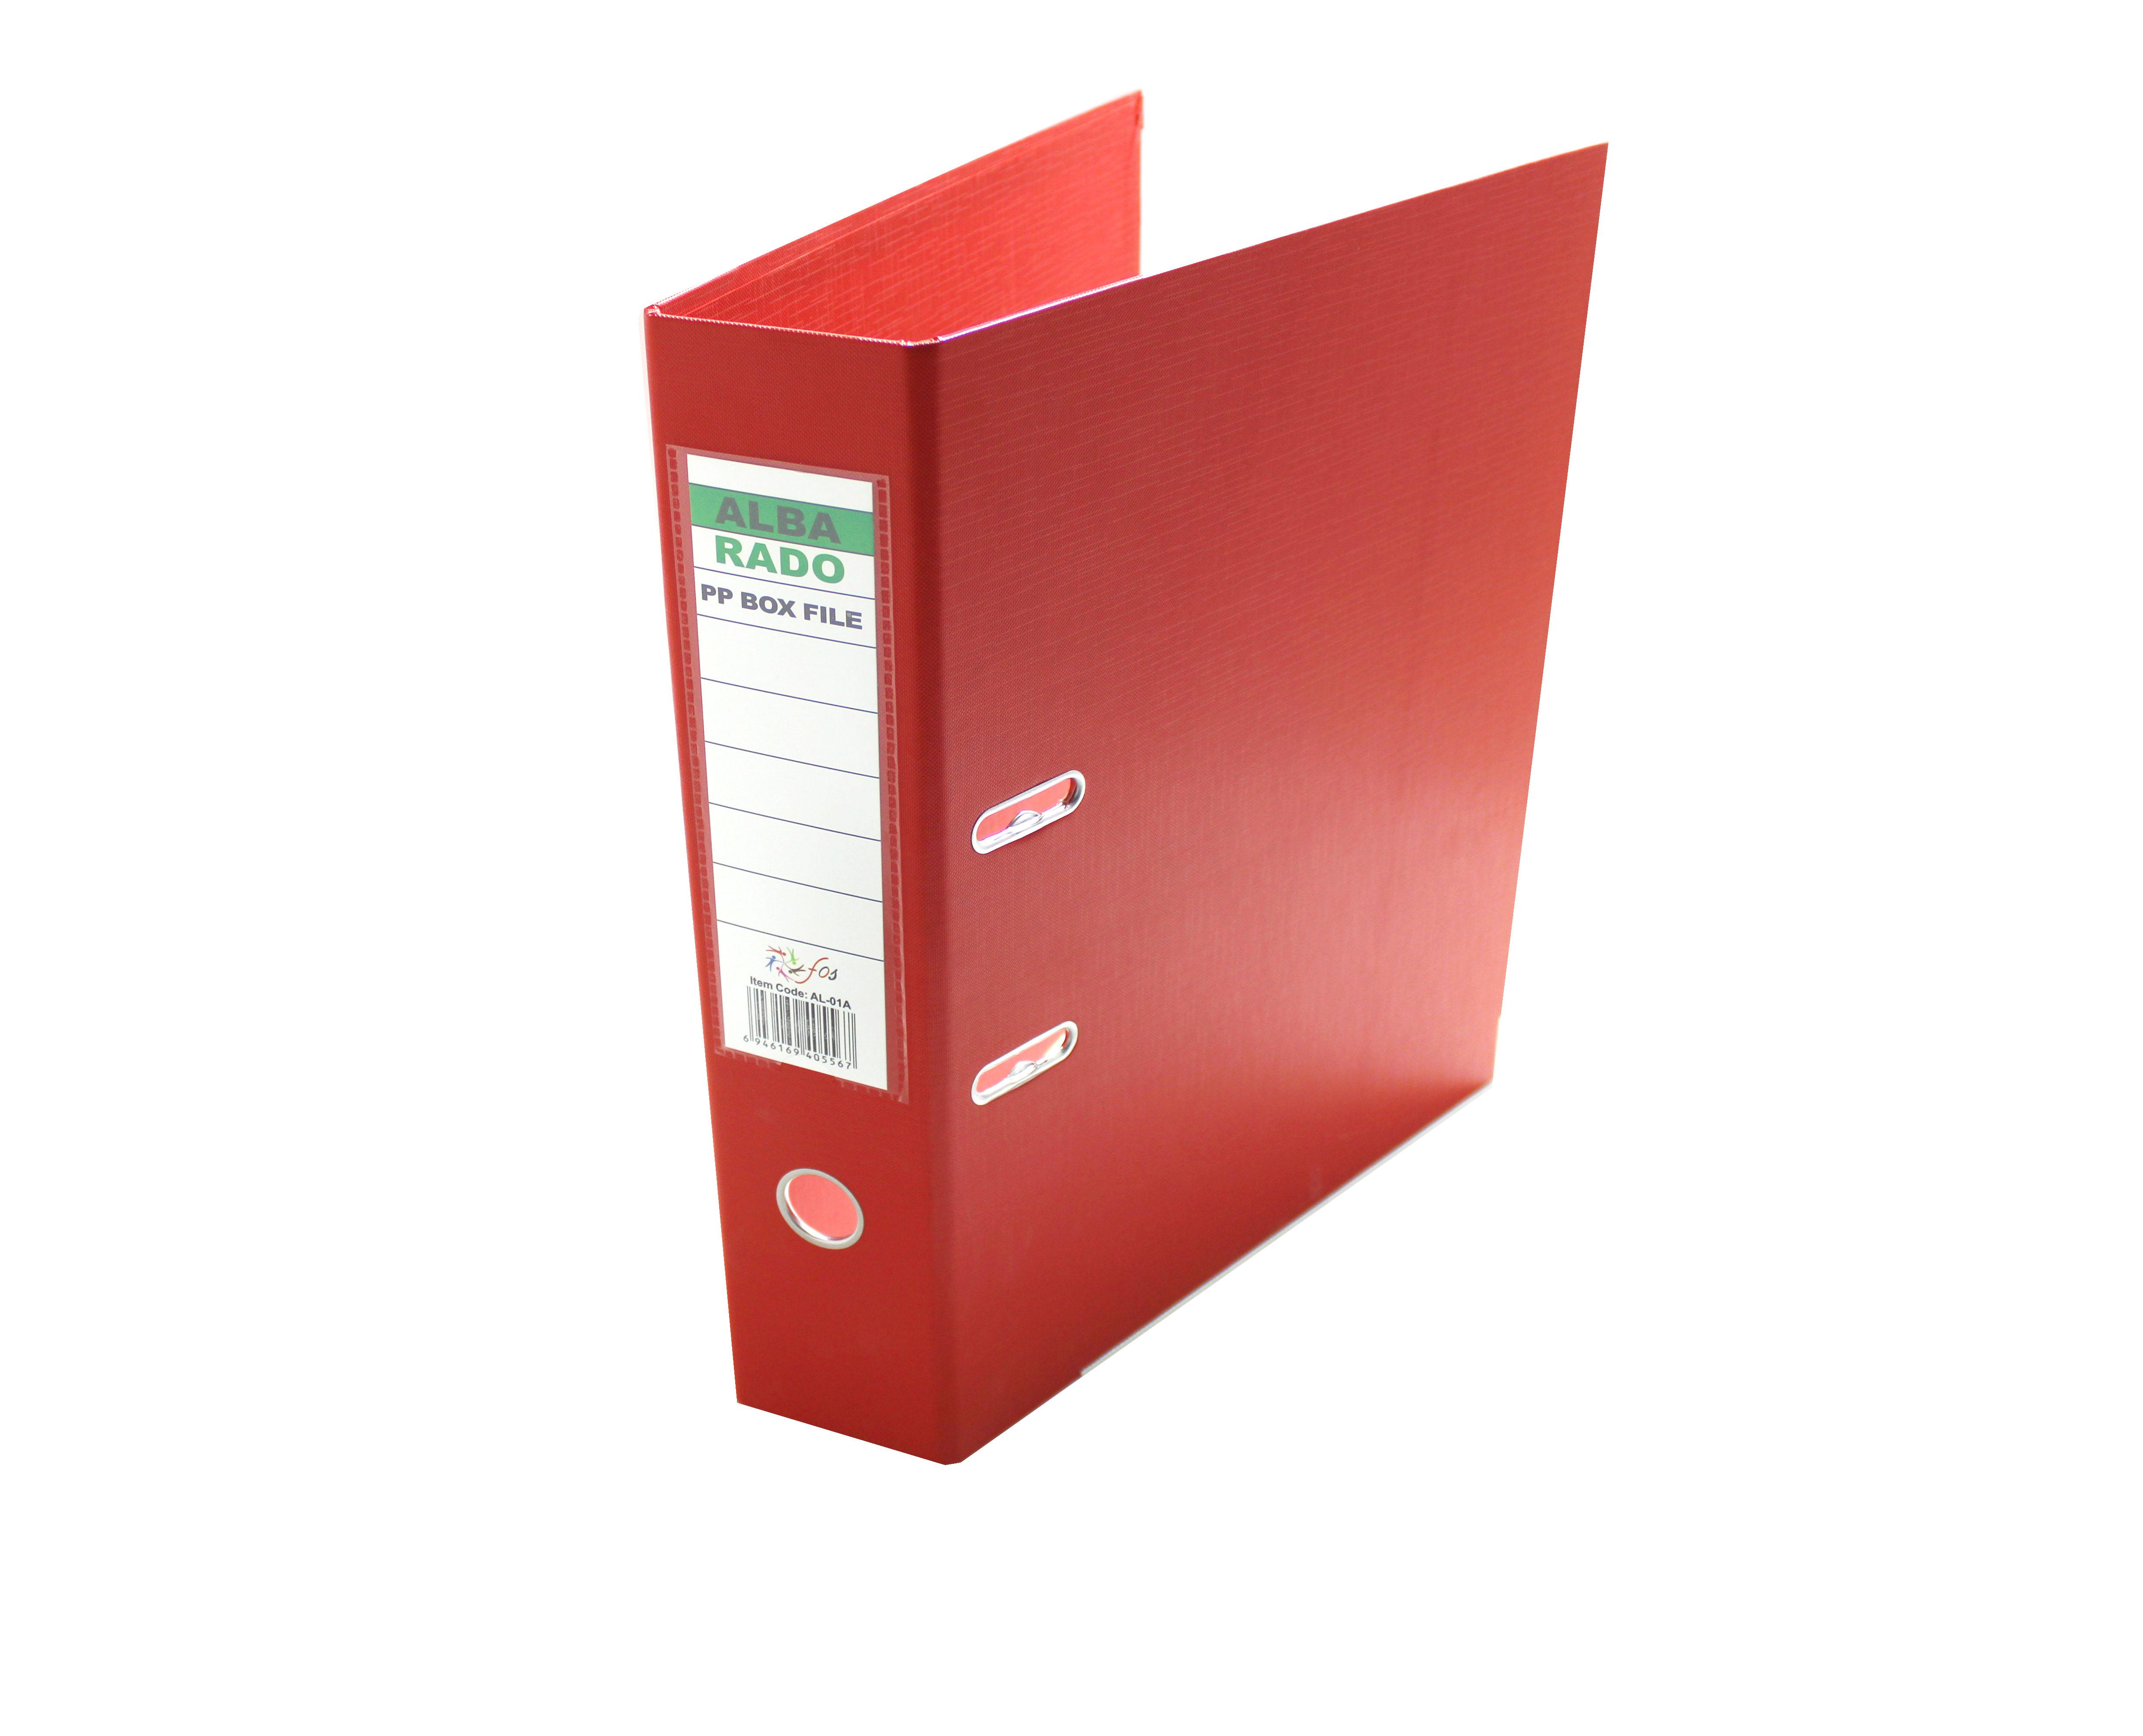 ALBA RADO PVC BOX FILE RED 3 INCHES